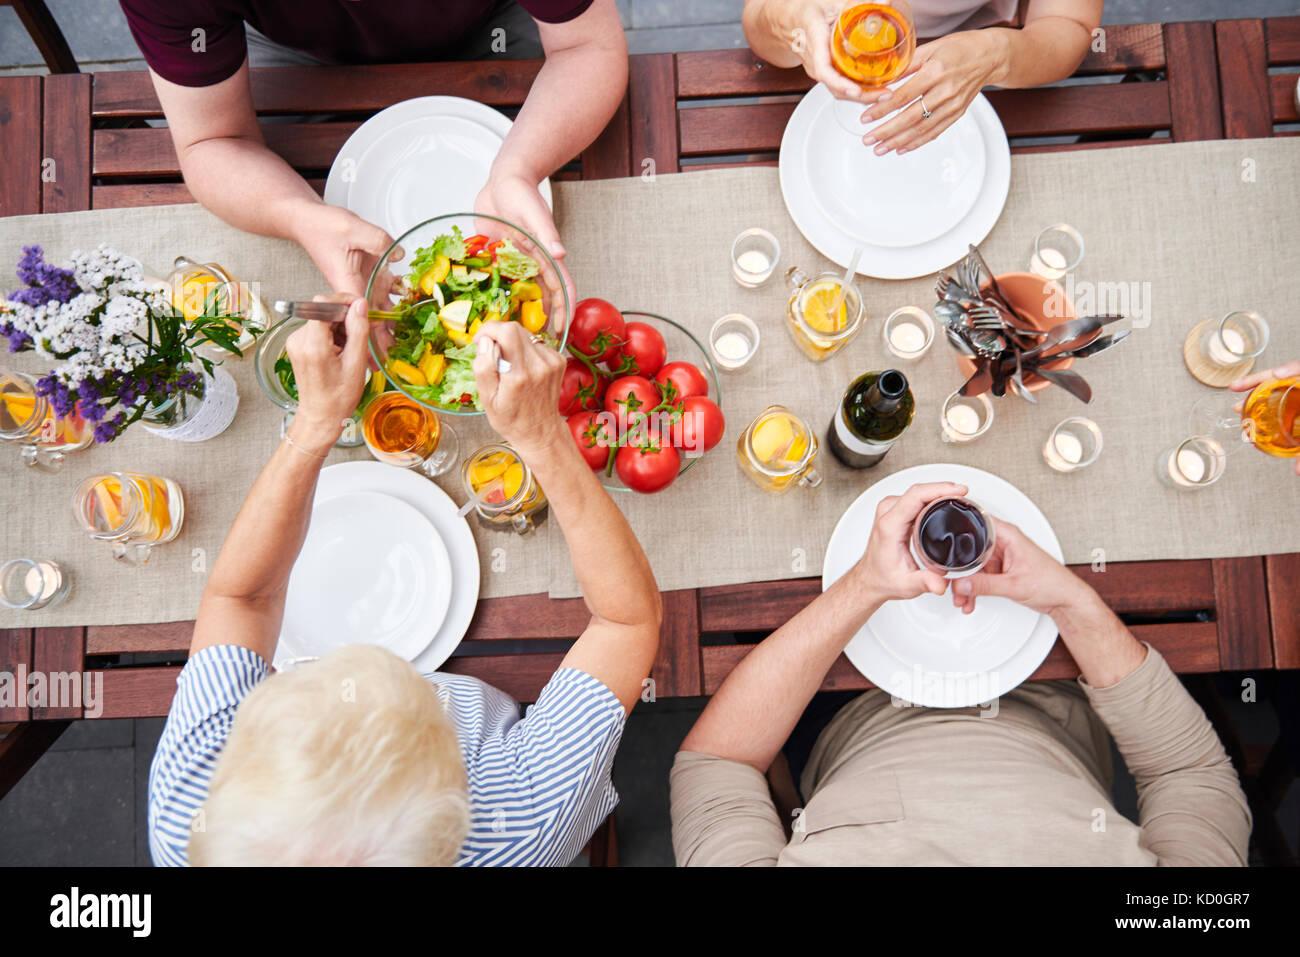 Ansicht von oben der Familie übergabe Salate bei Familie Mittagessen auf der Terrasse Stockbild